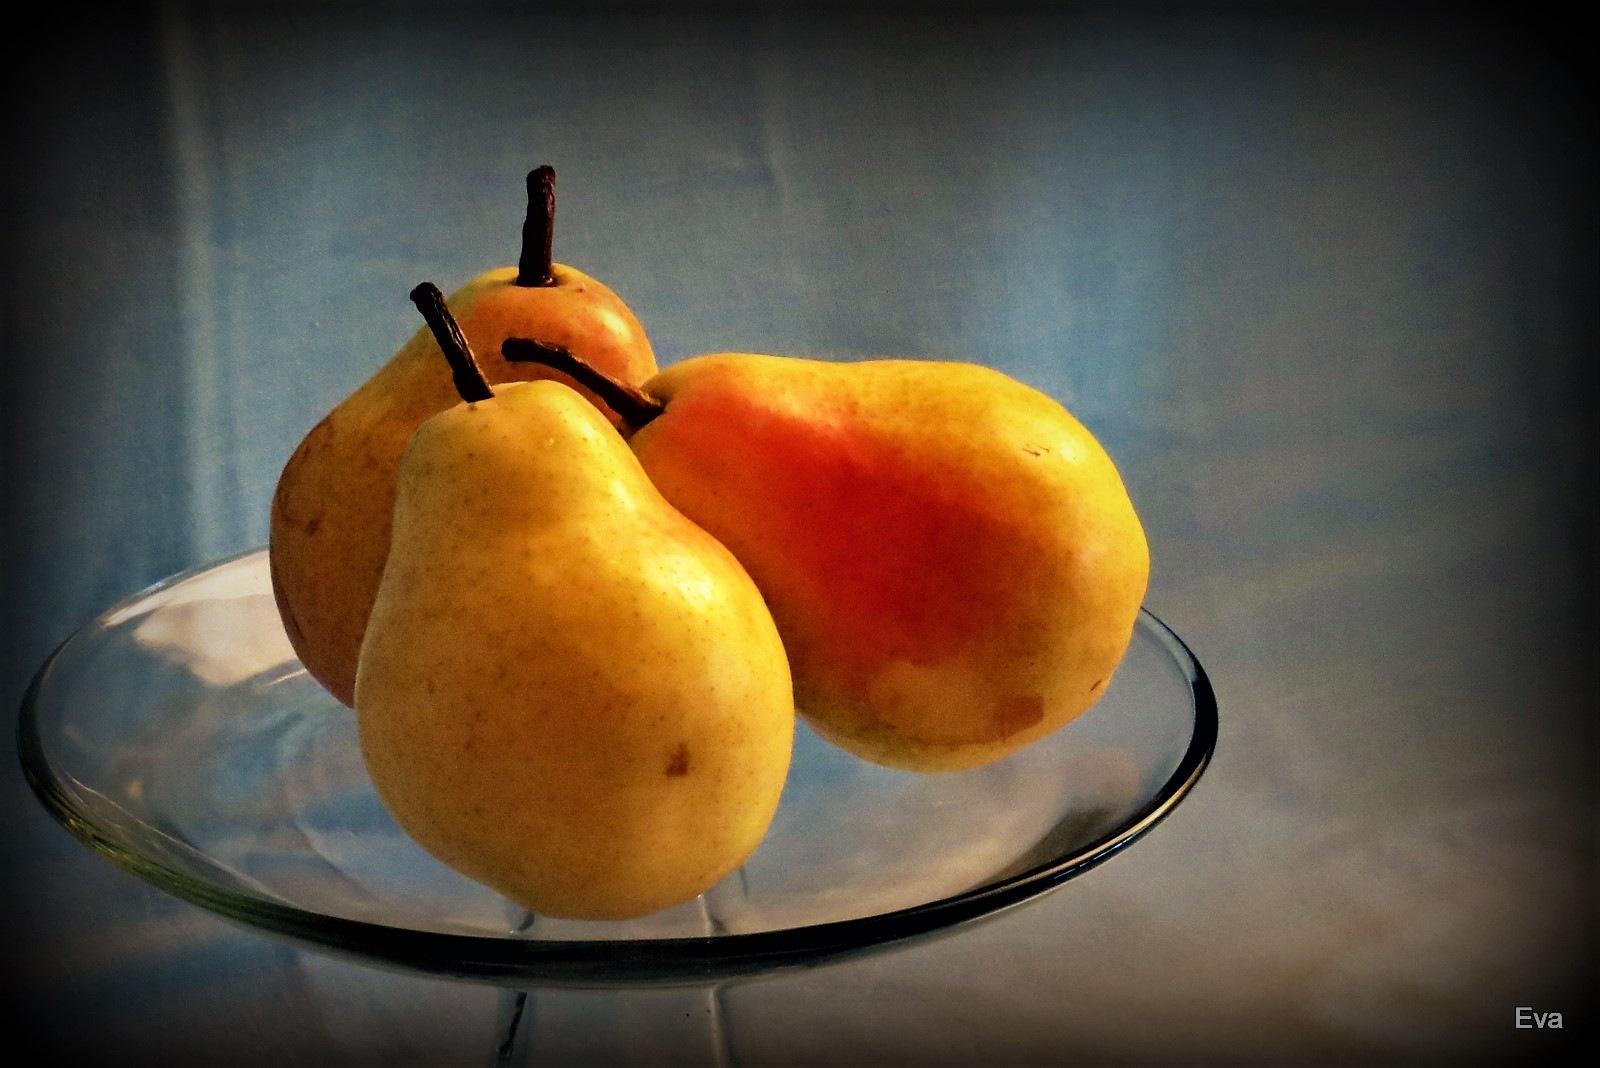 Pears still life by EvaKassler